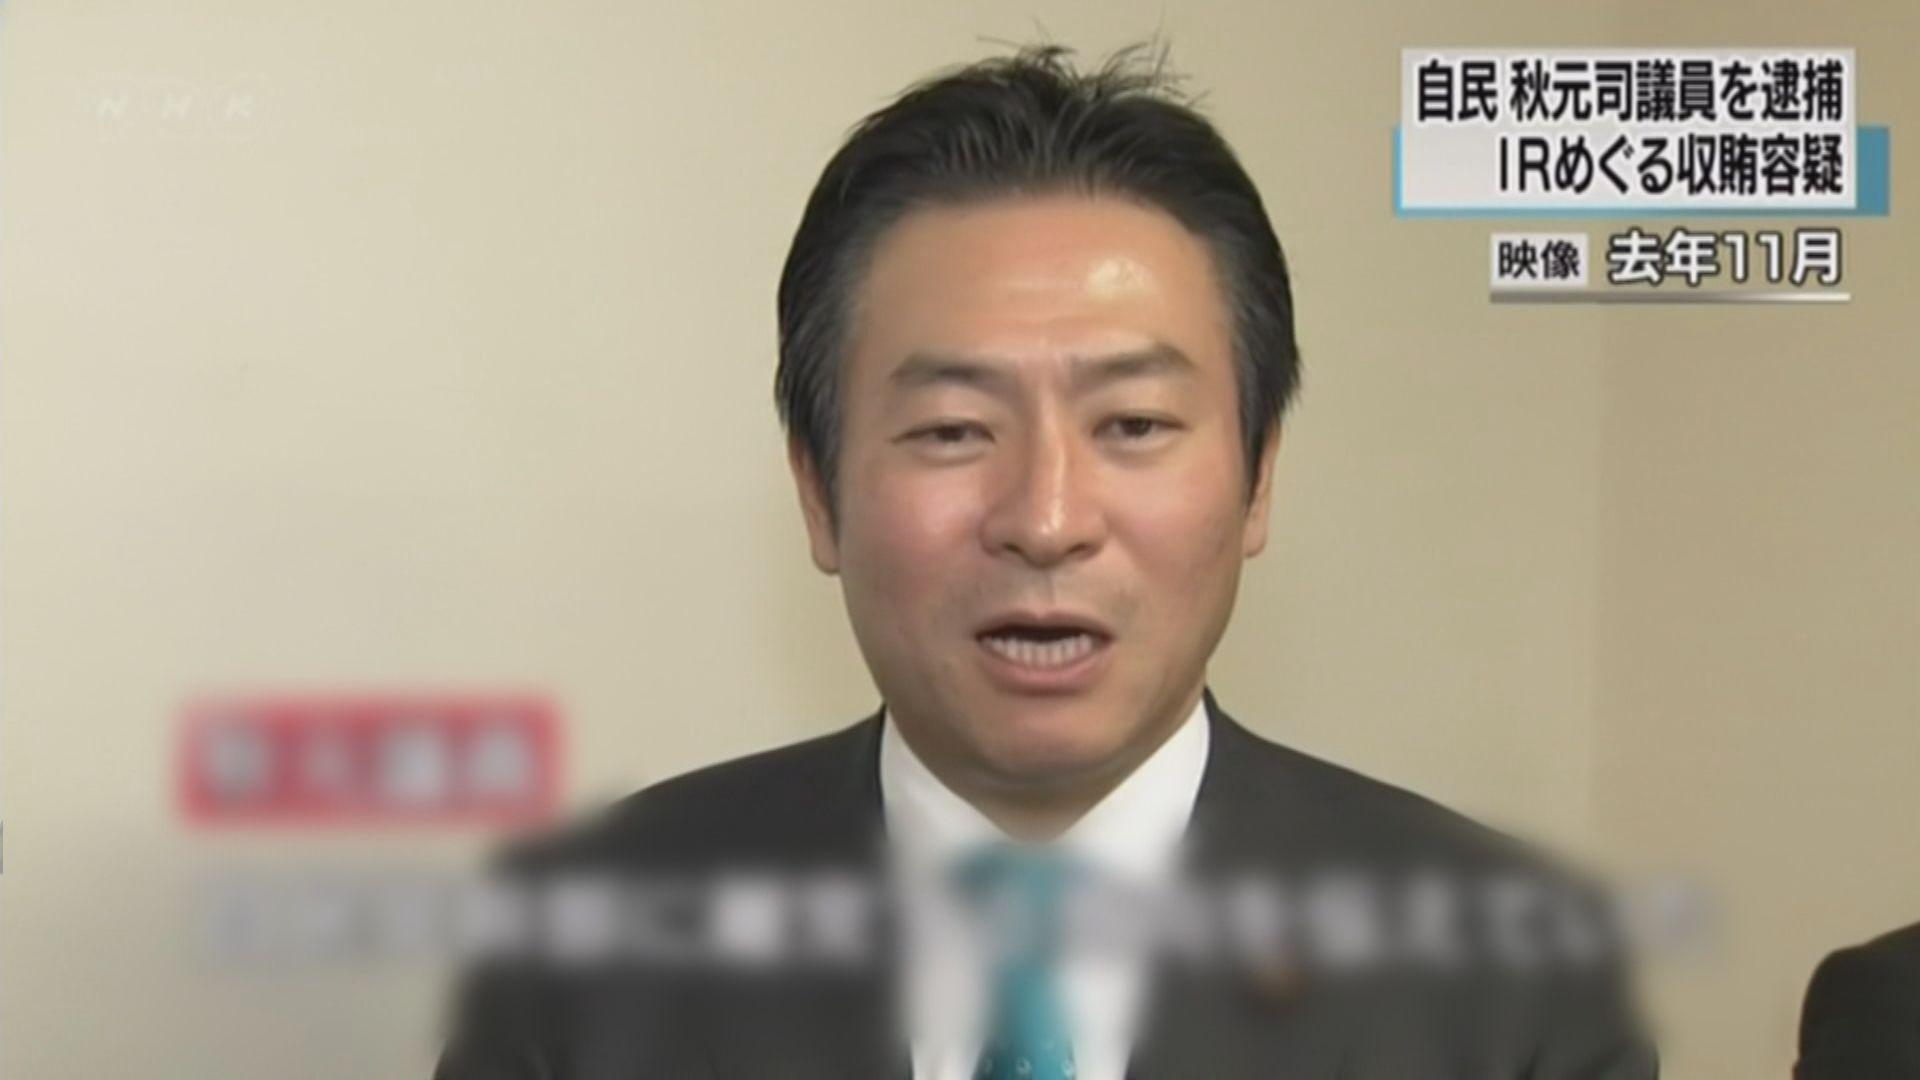 日本眾議員秋元司否認收受中國企業賄賂